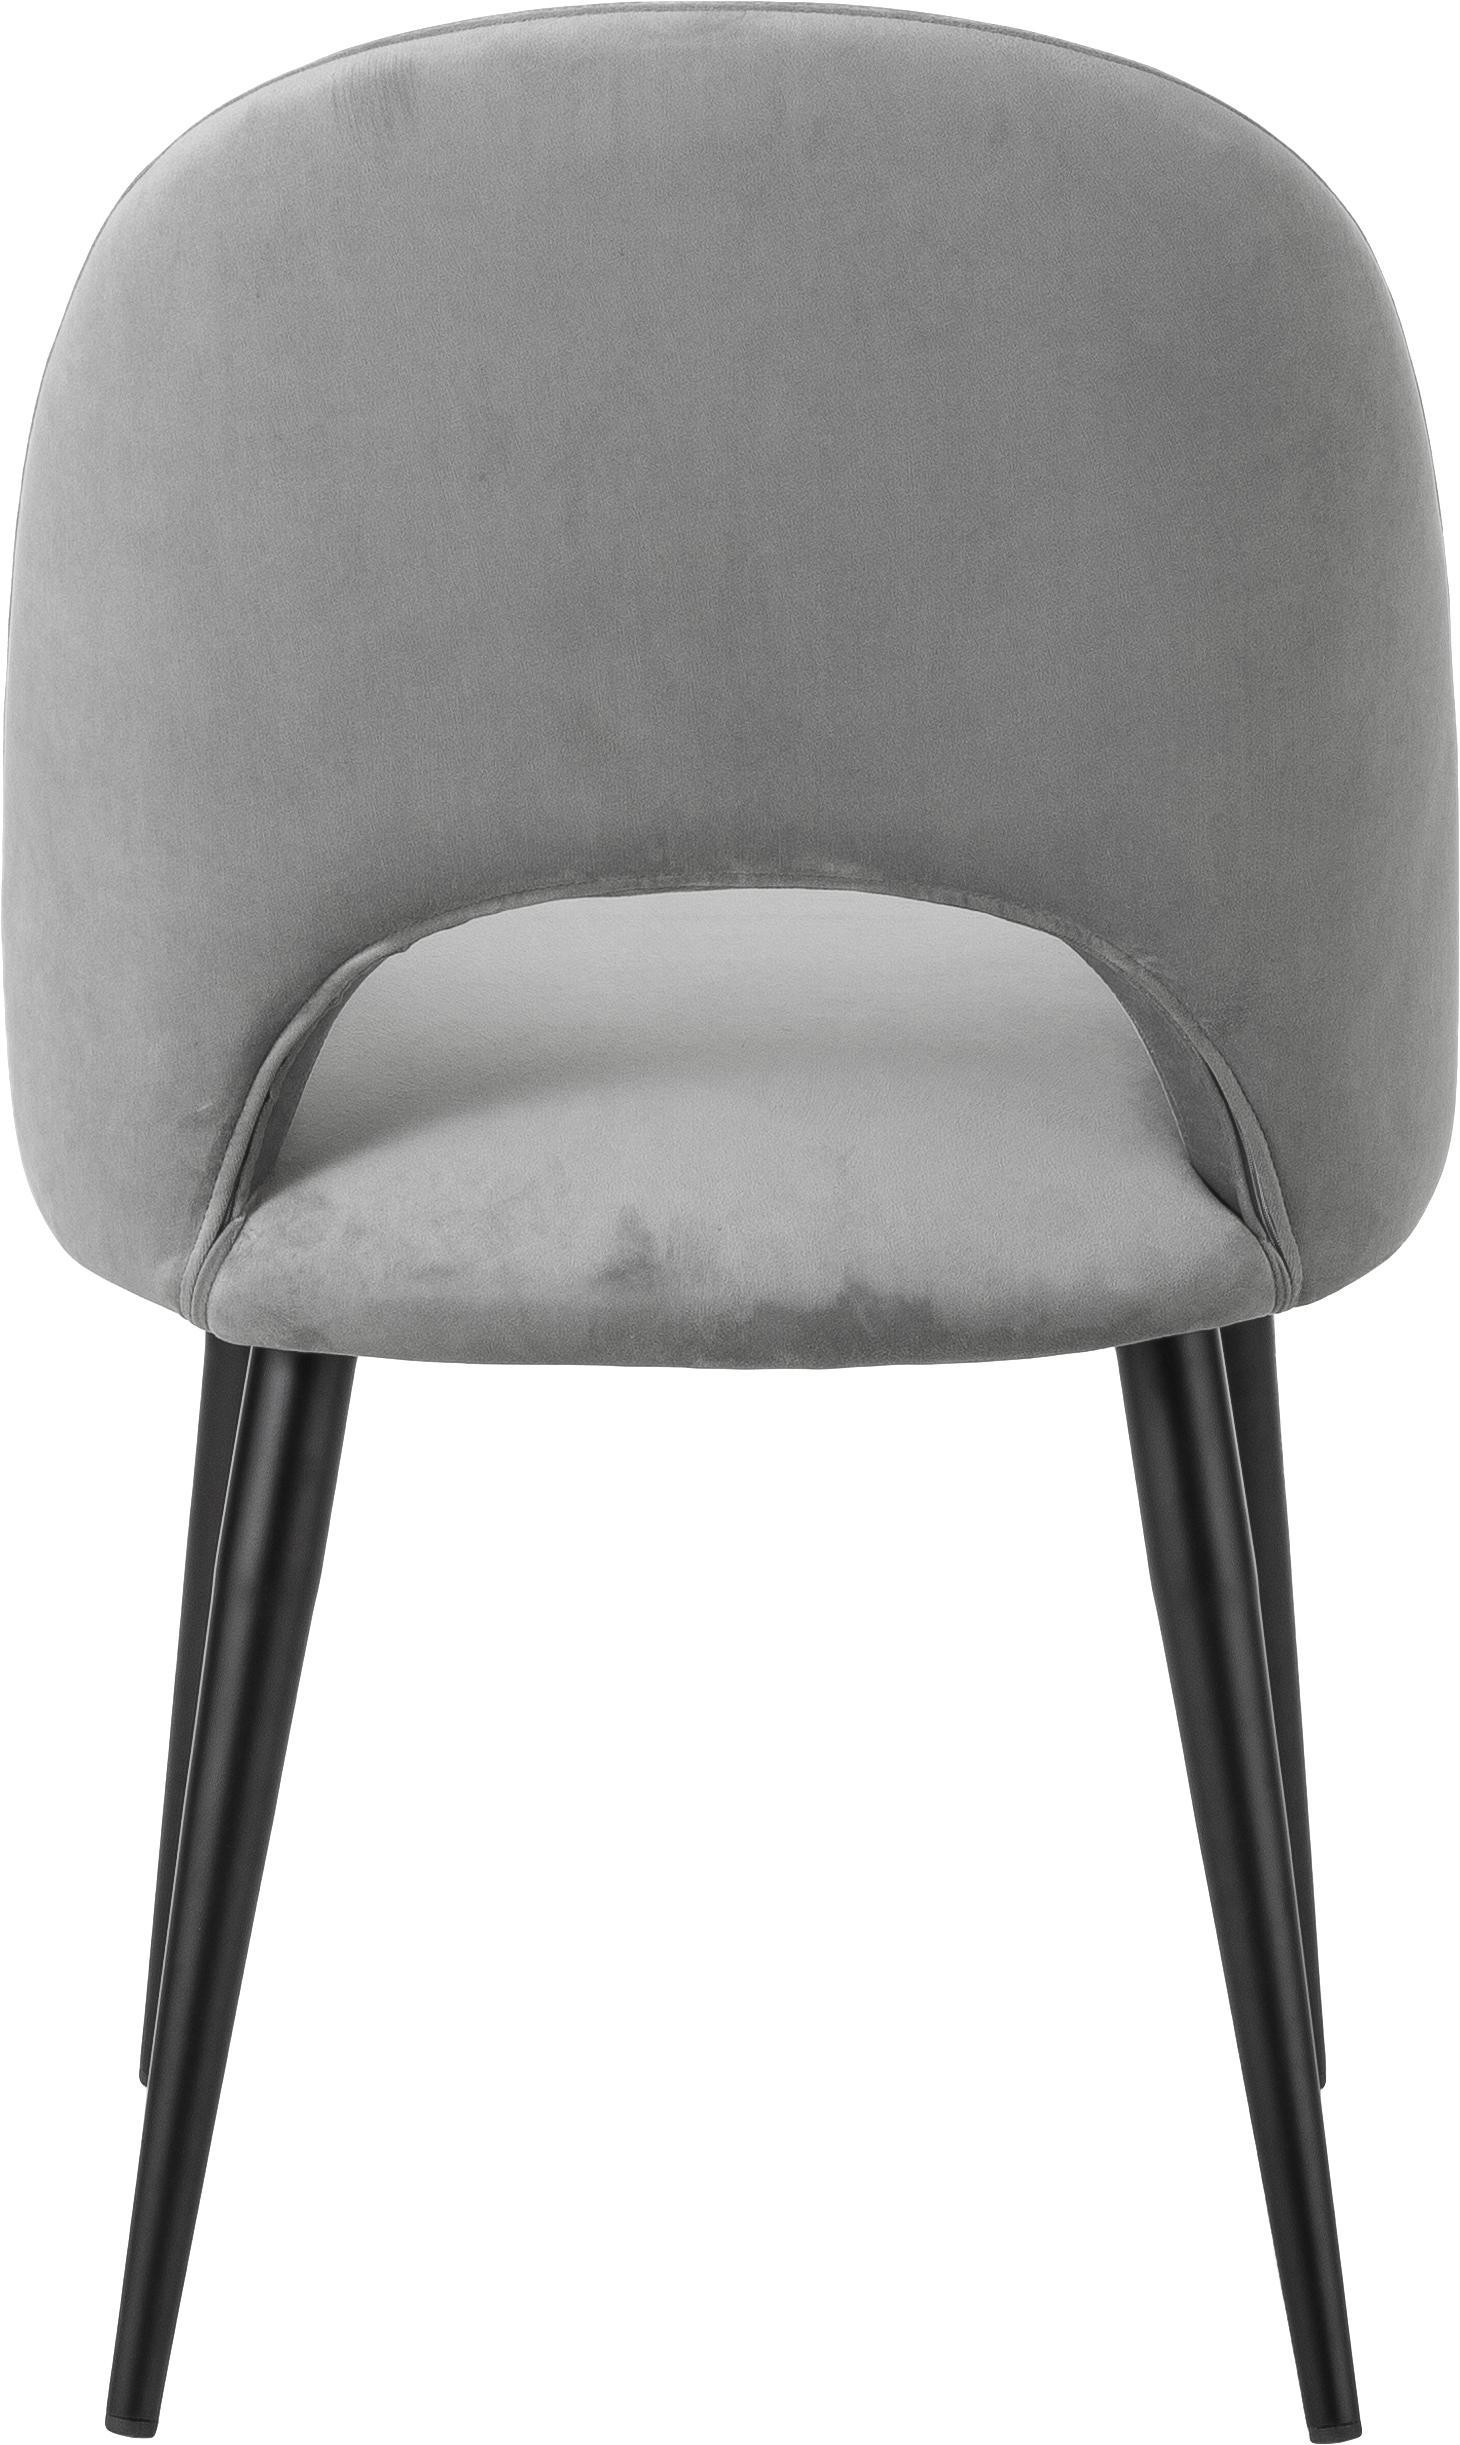 Silla de terciopelo Rachel, Tapizado: terciopelo (tapizado de p, Patas: metal con pintura en polv, Terciopelo gris, An 53 x F 57 cm